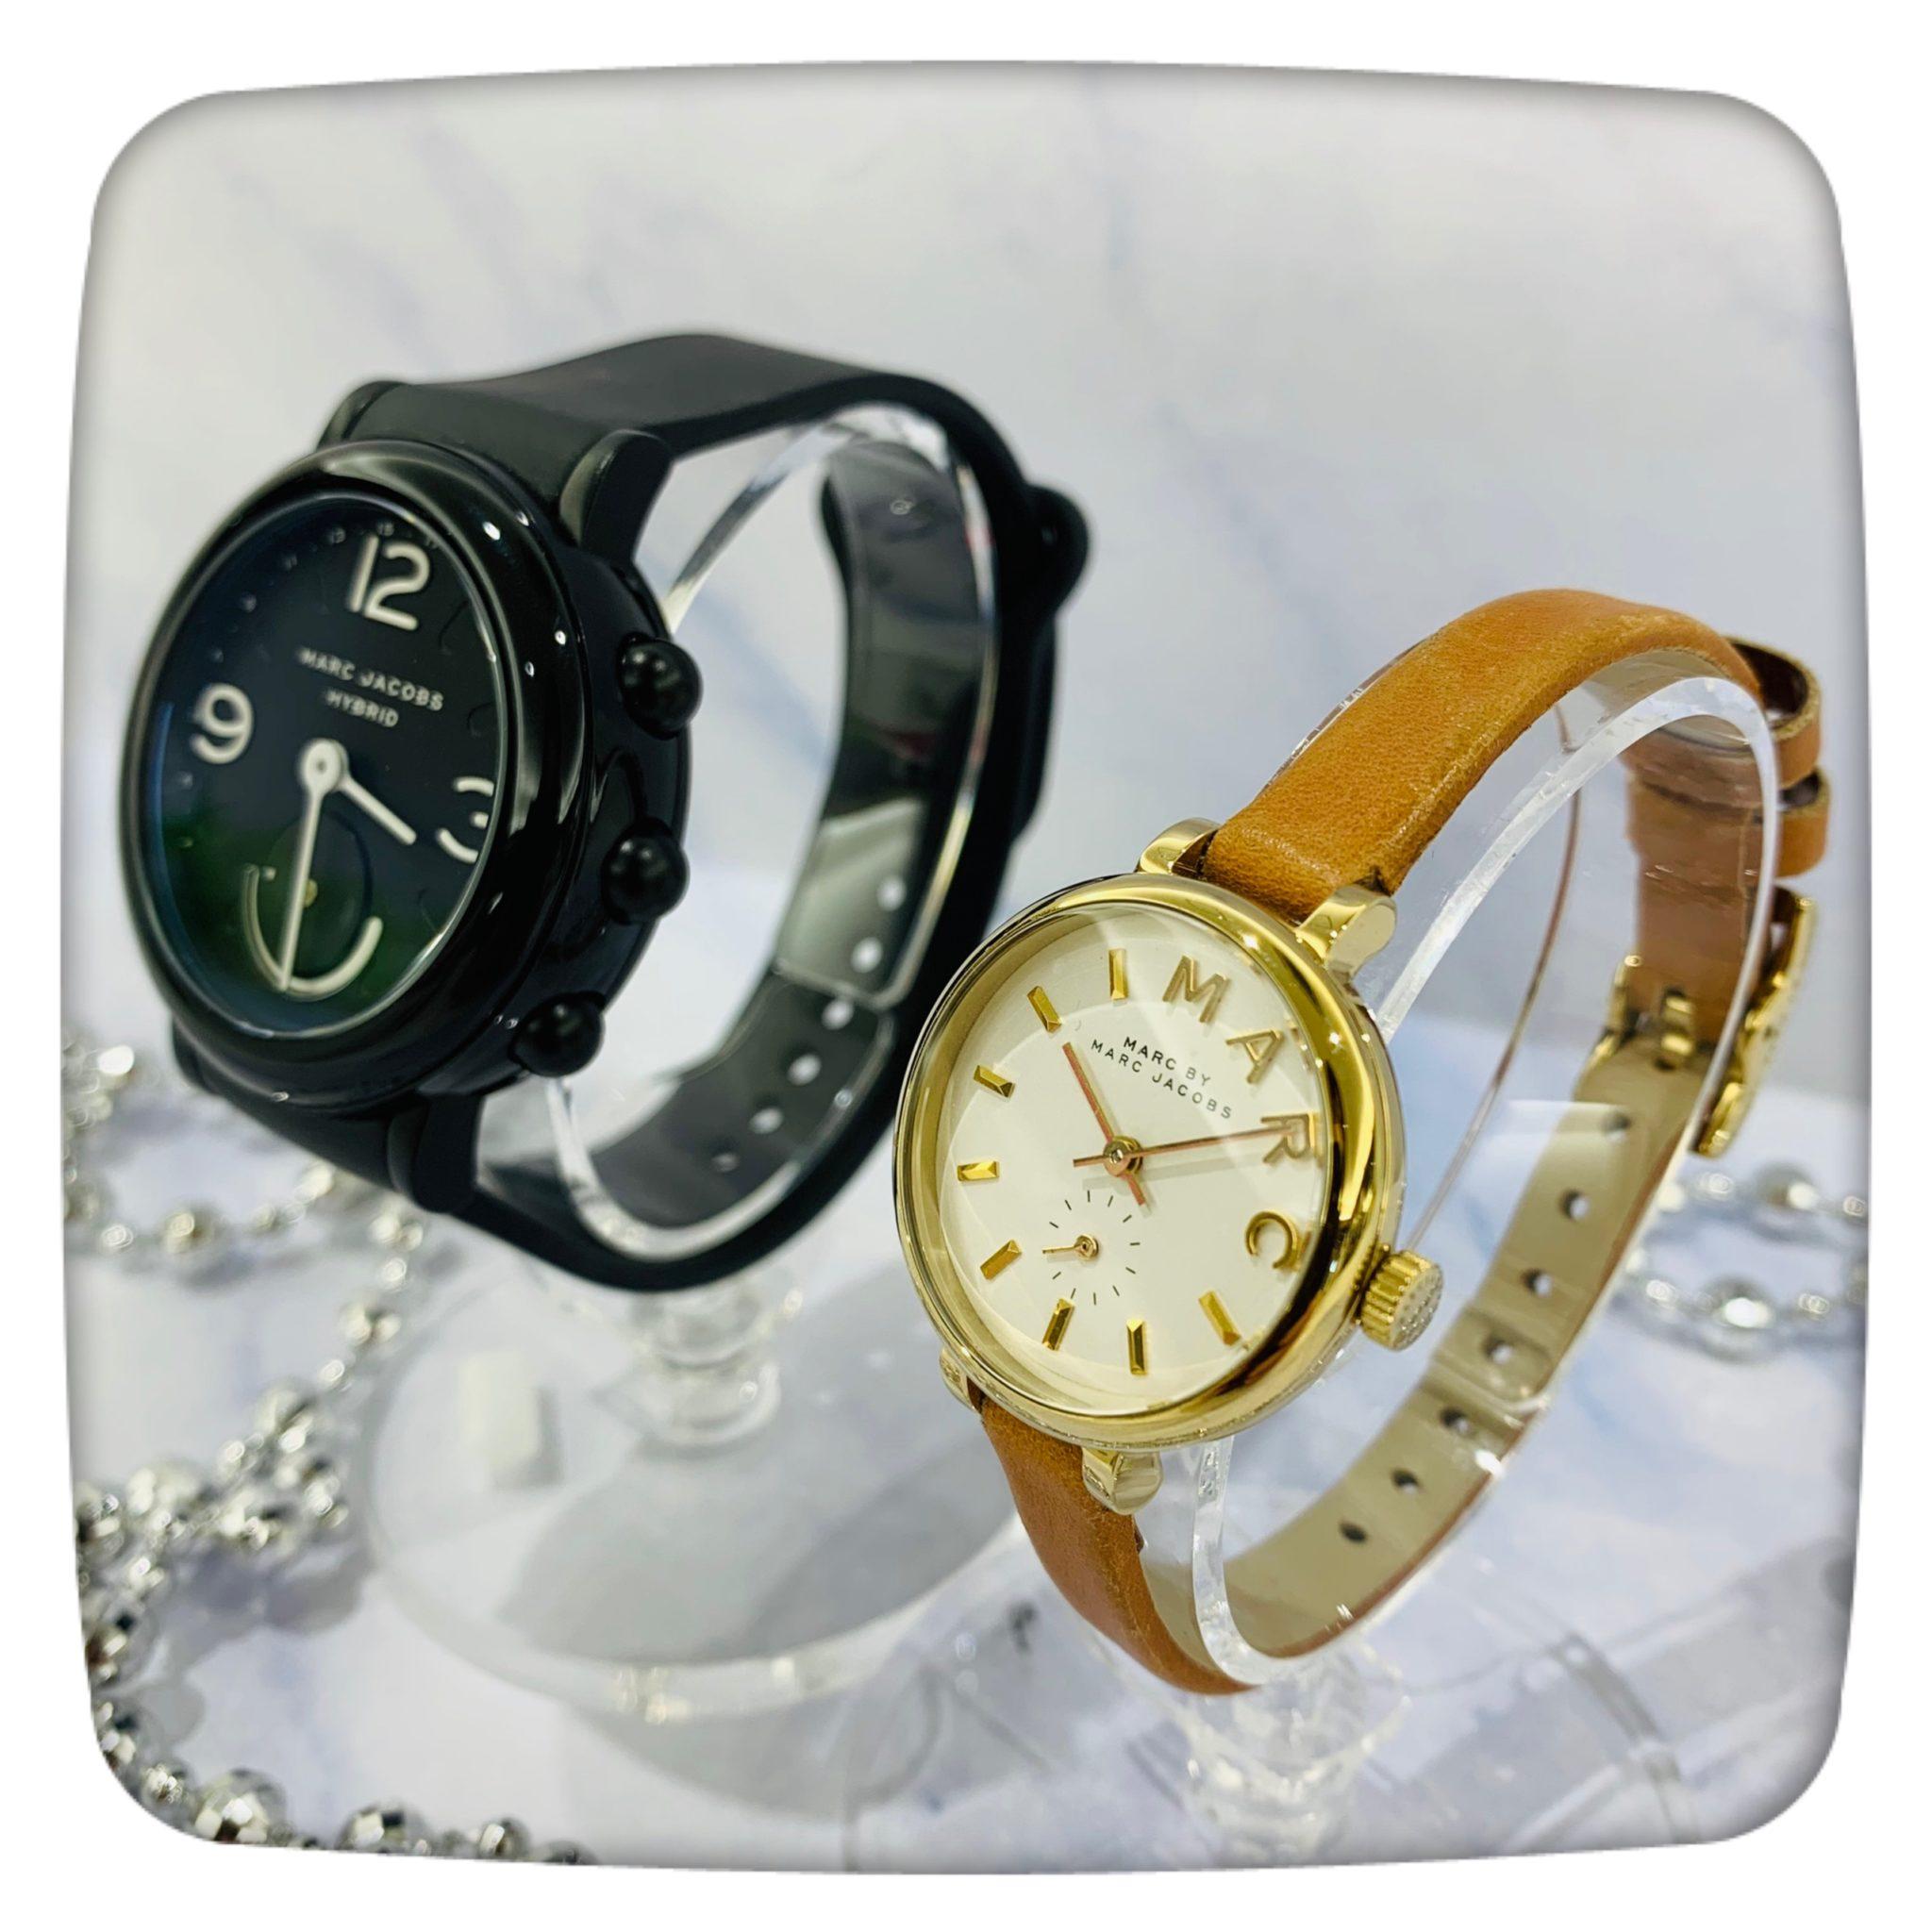 【時計 販売 盛岡】プチプラが嬉し~い♡秋コーデにも合わせたい時計⌚